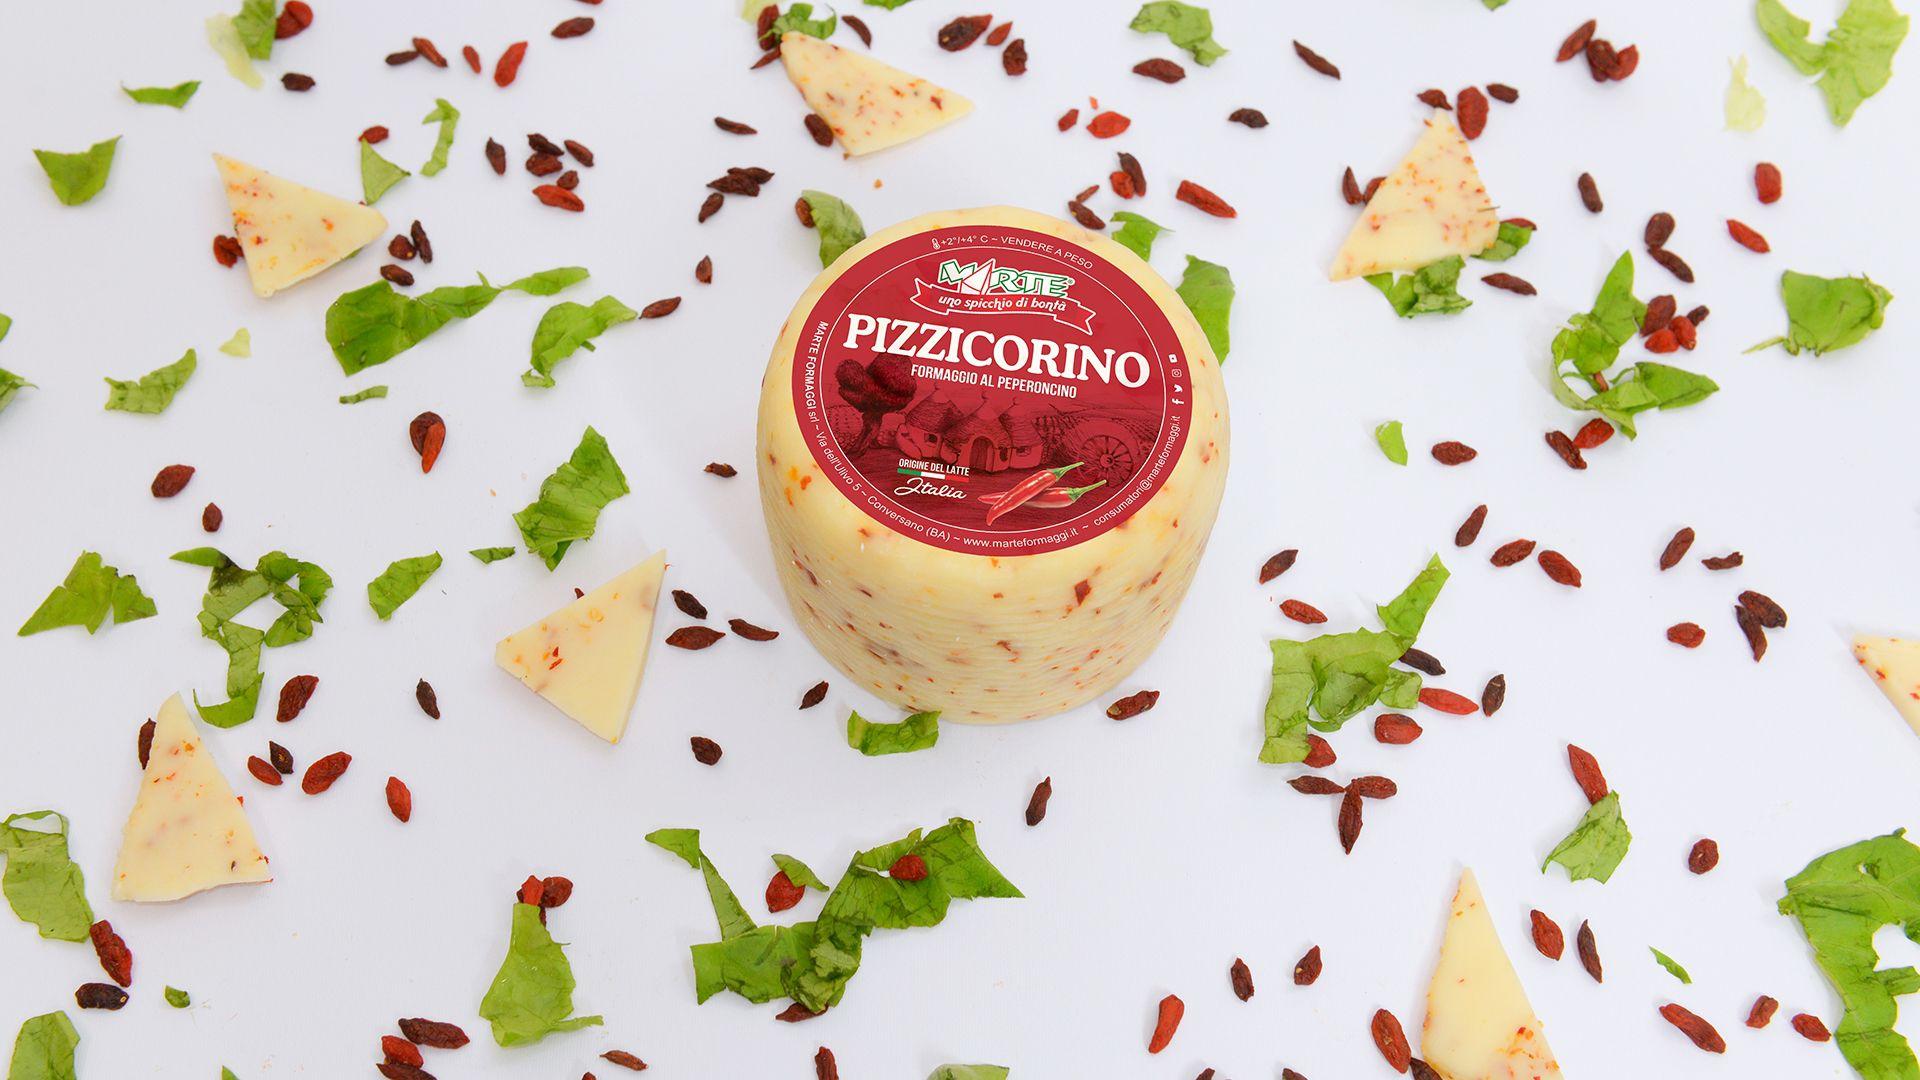 Pizzicorino